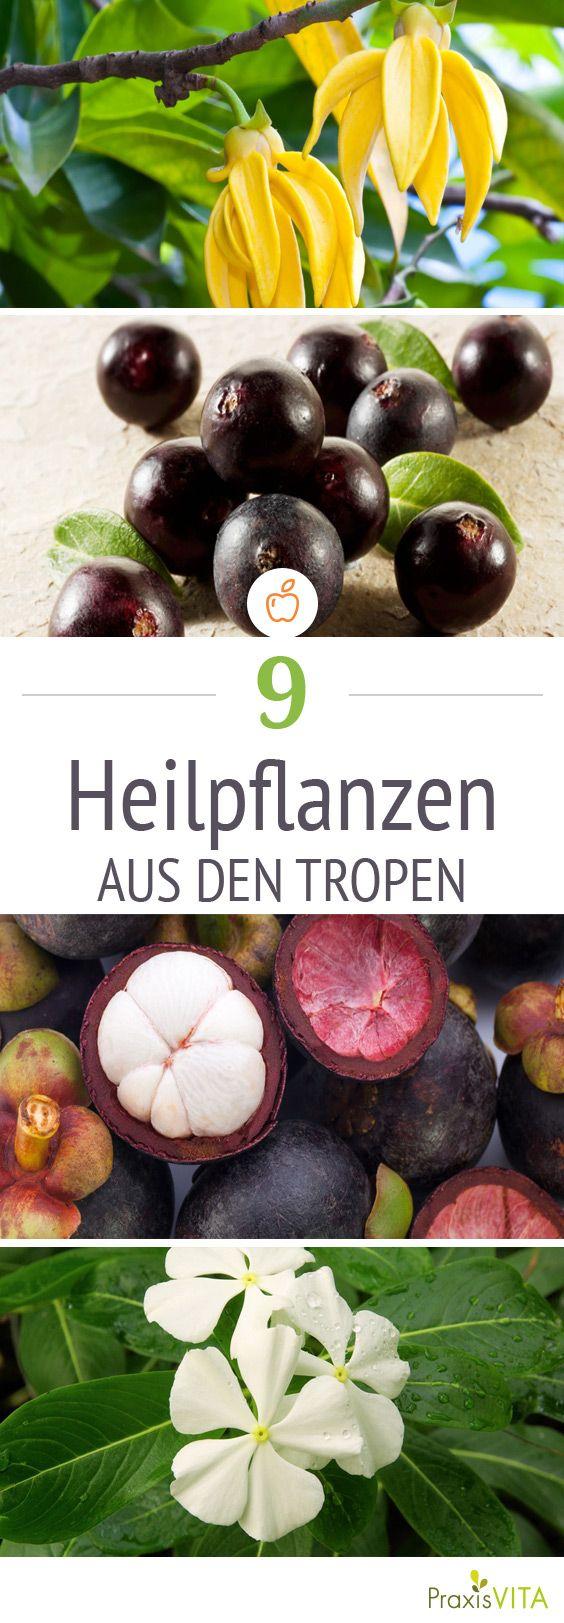 Tropische Früchte, Pflanzen und Wurzeln: Diese gesunden Exoten stärken unsere Abwehrkräfte.